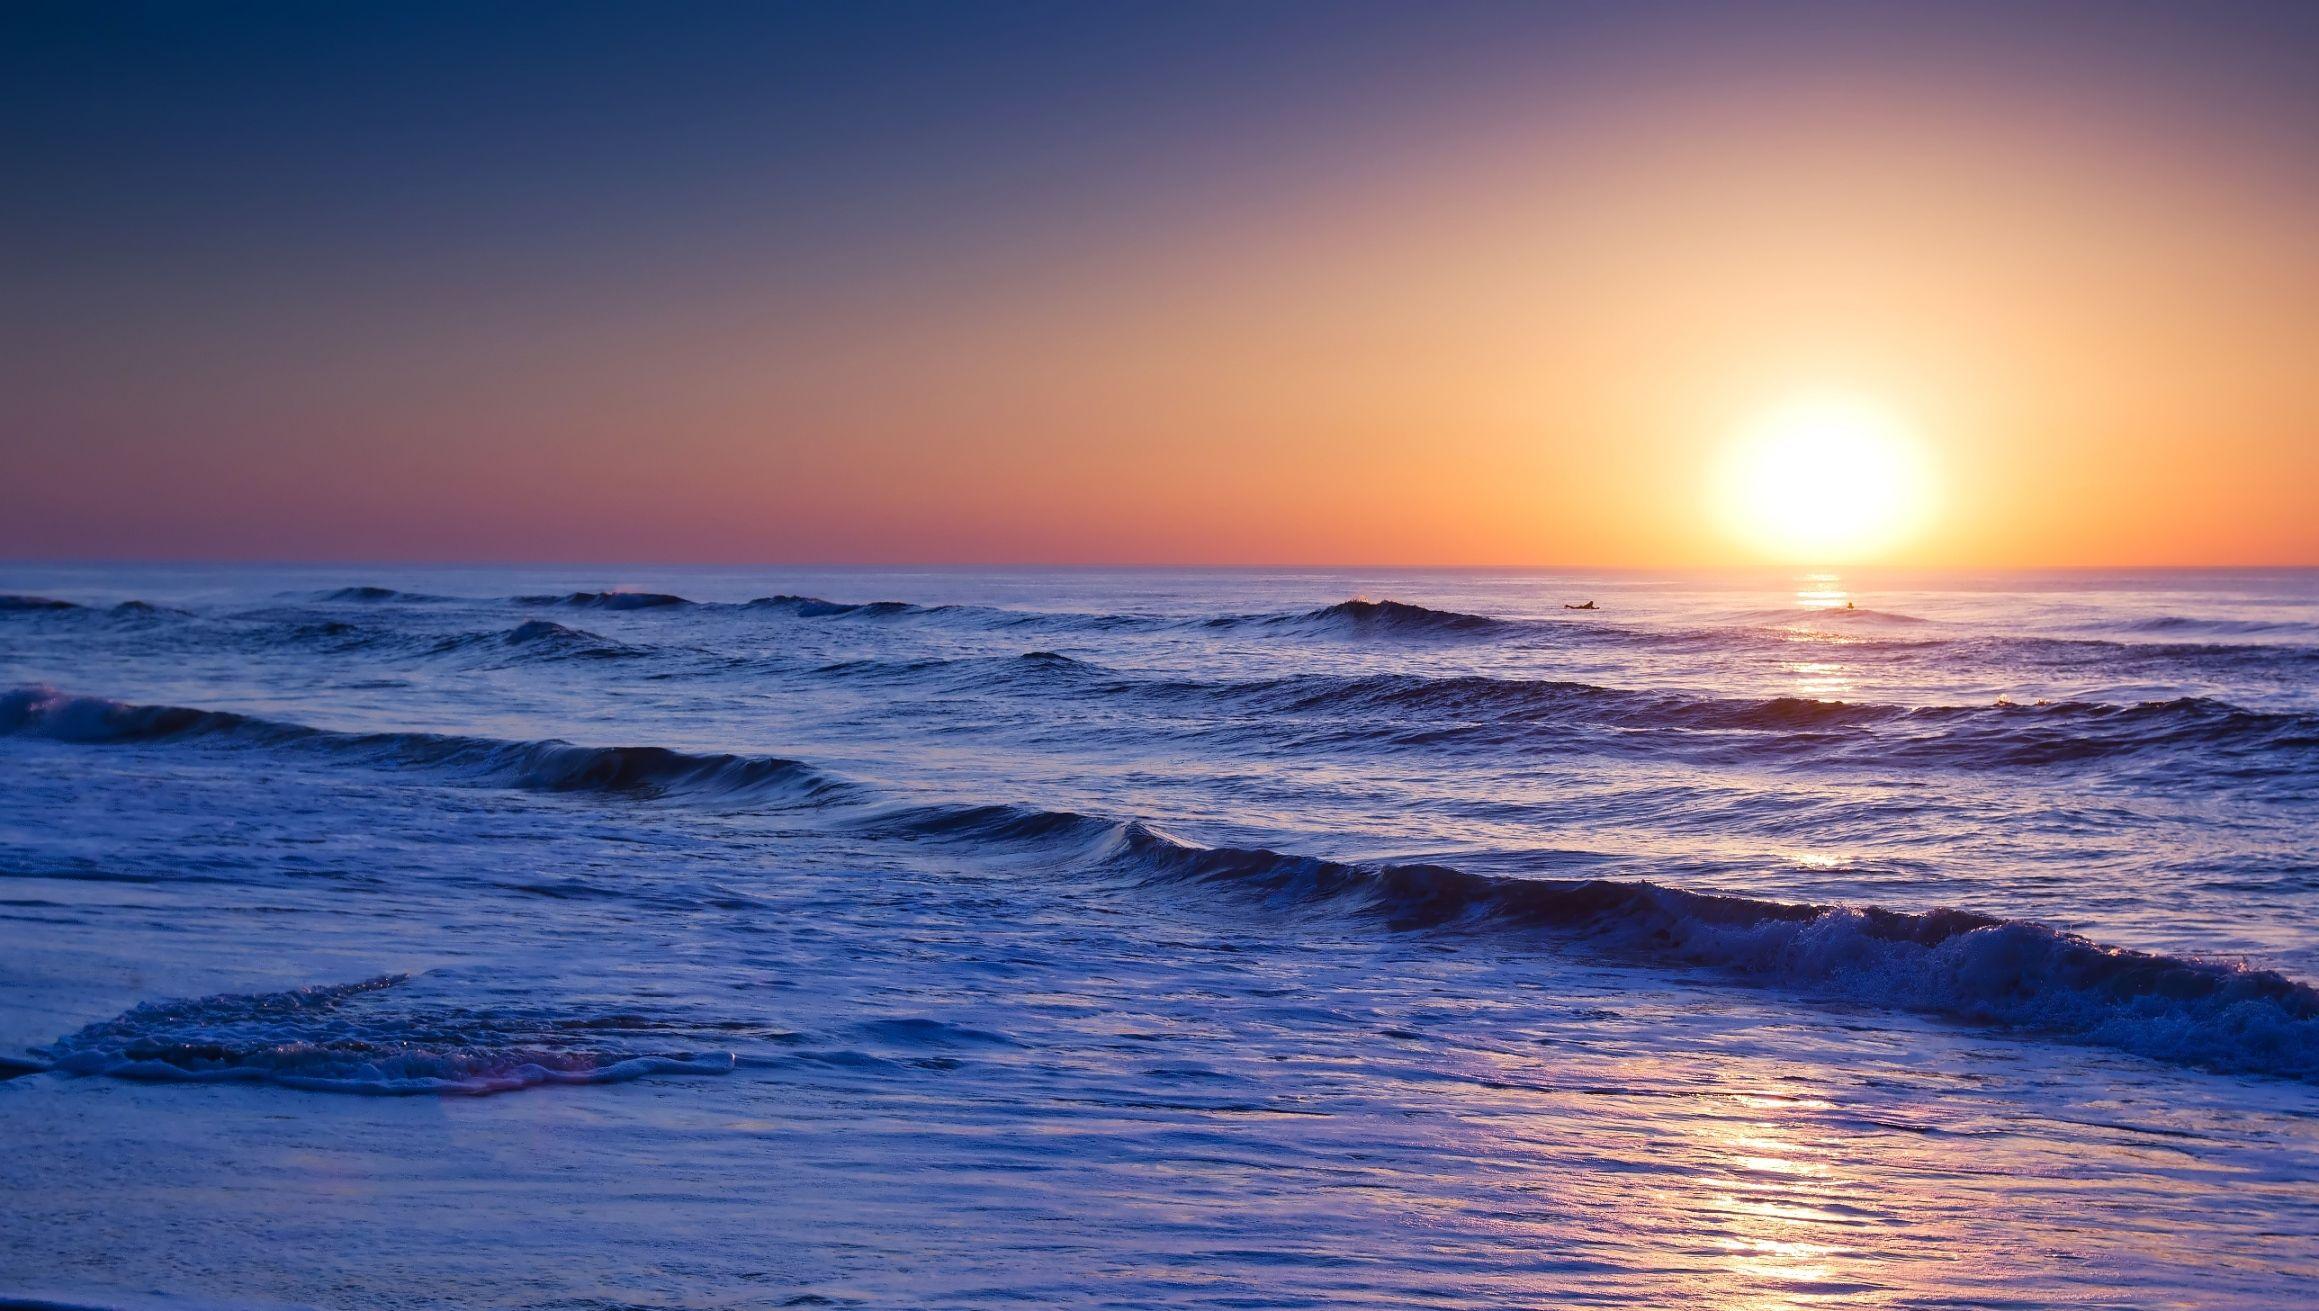 Sunrise Over The Atlantic Ocean Wallpaper Beach Wallpaper Sunrise